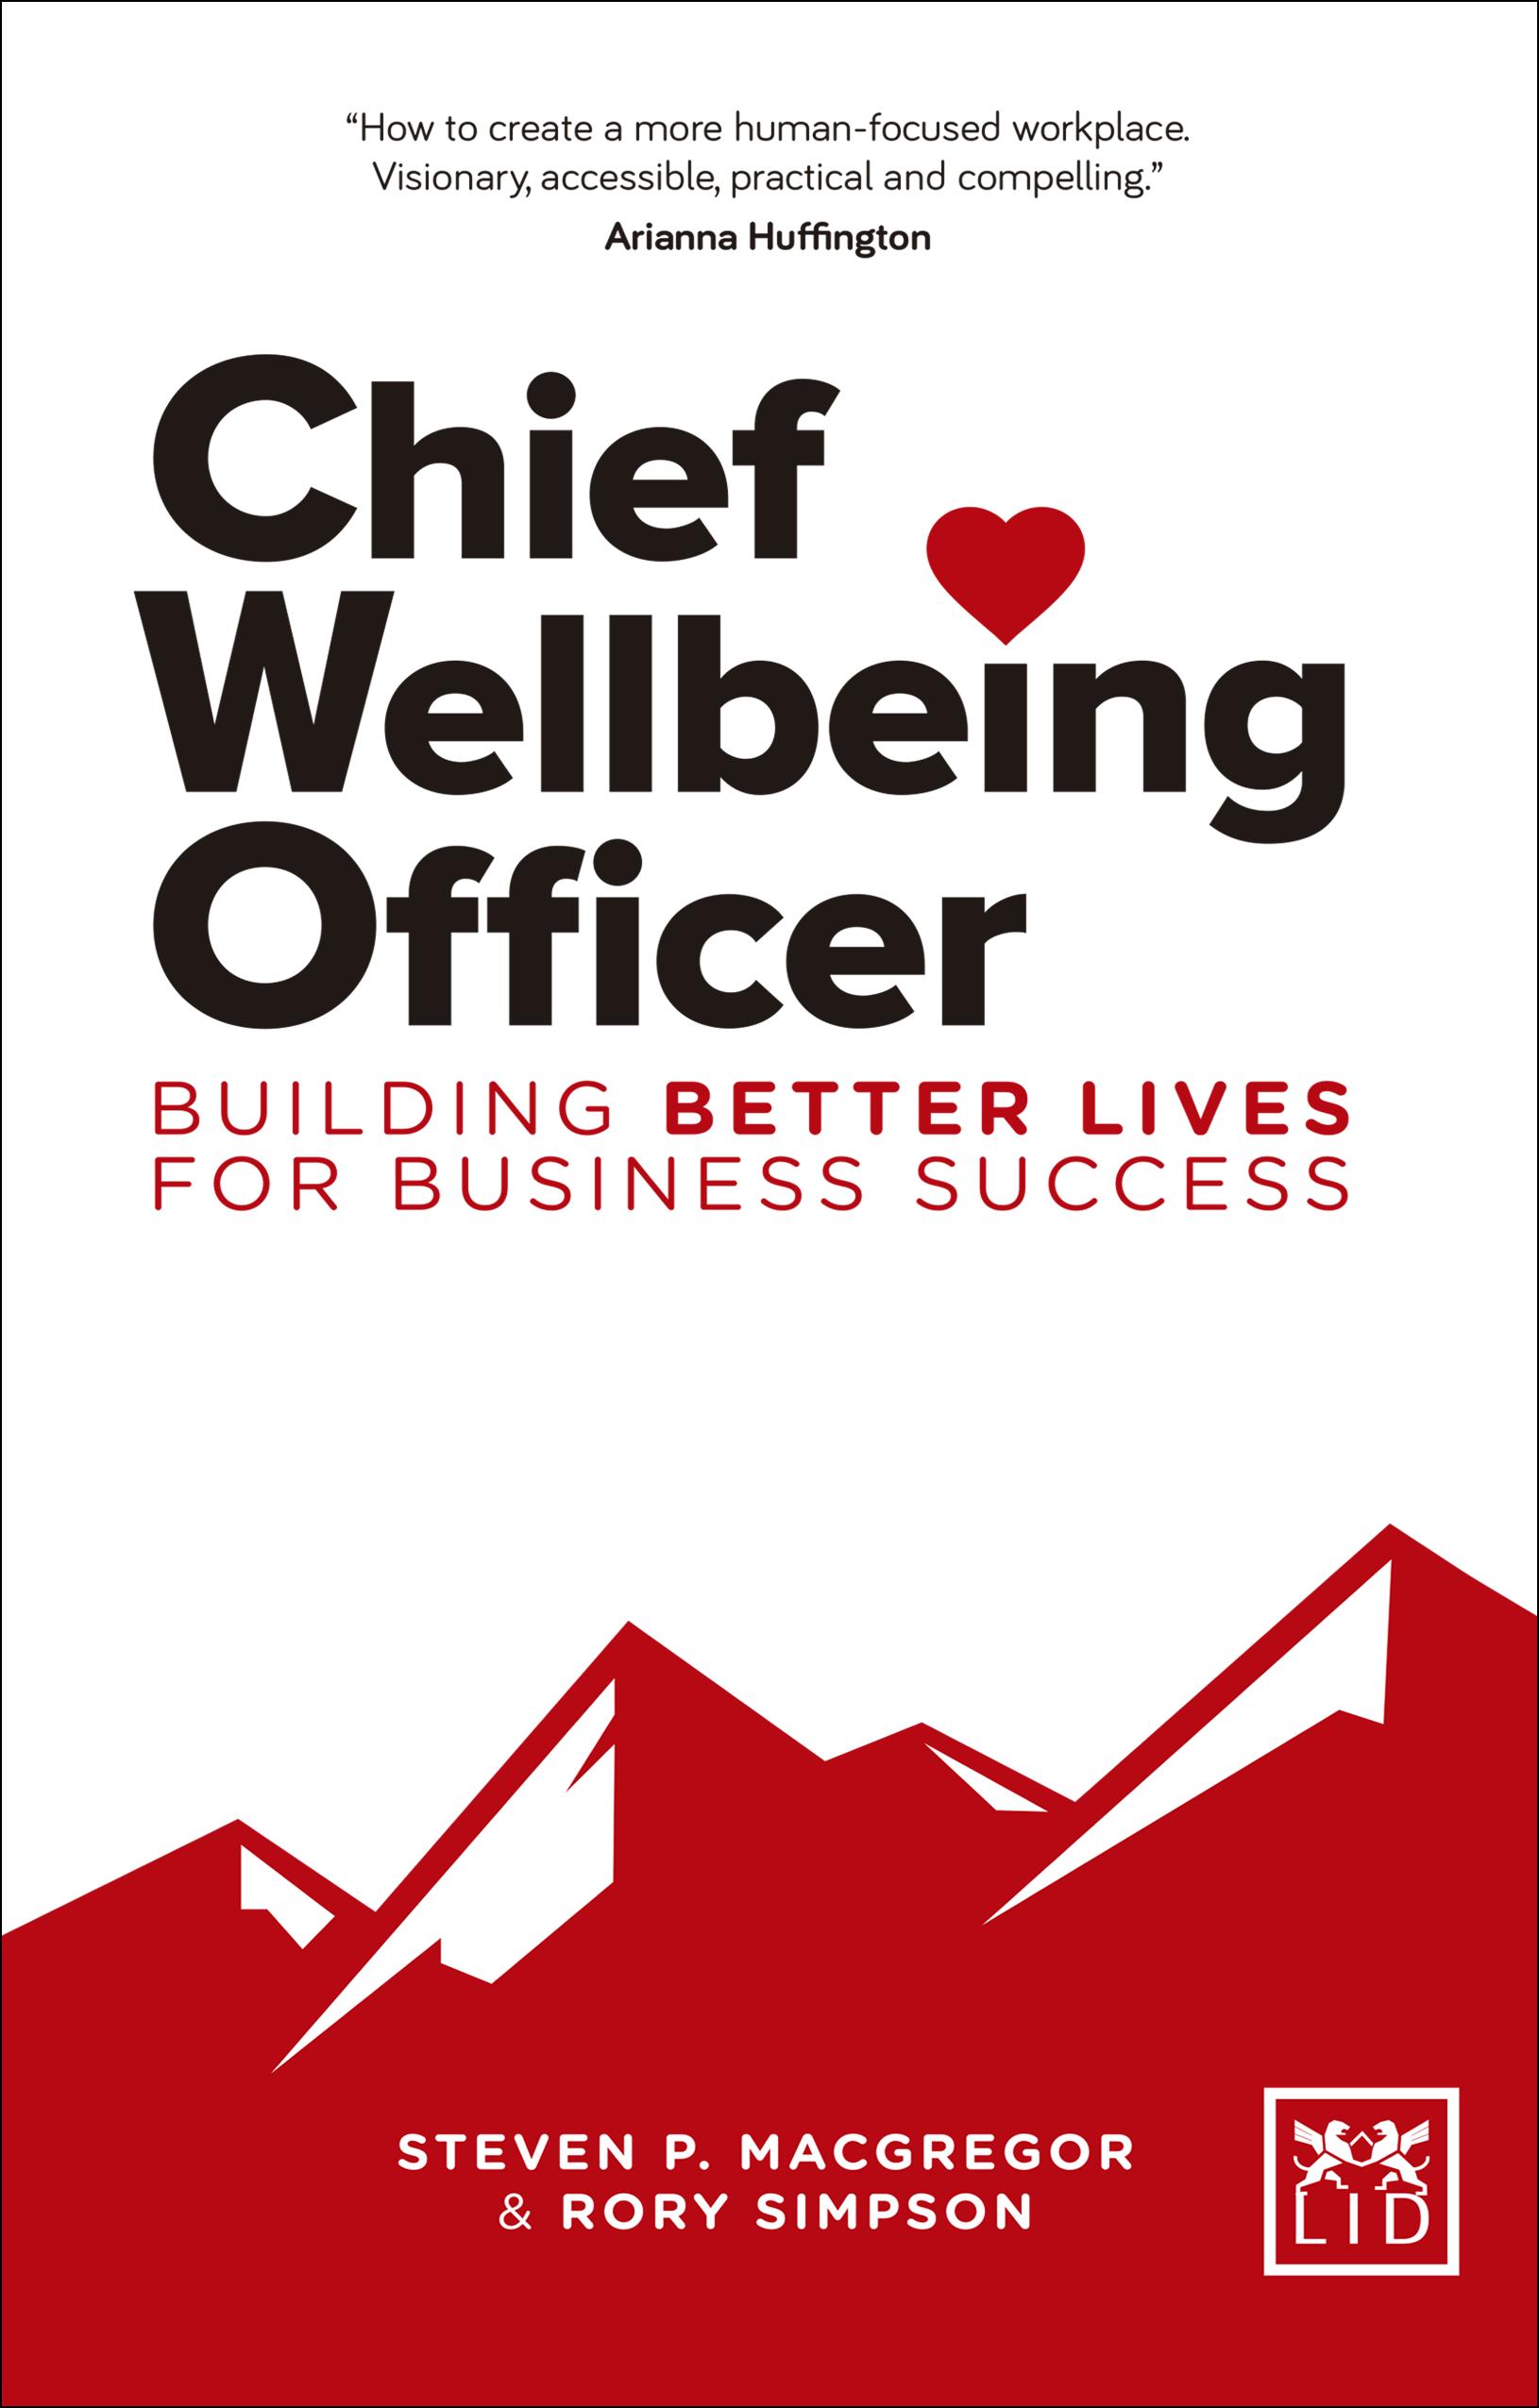 Chief Wellbeing Officer es un texto encaminado a cualquier tipo de empresa que quiera aprovechar el potencial de sus empleados con el bienestar como base.